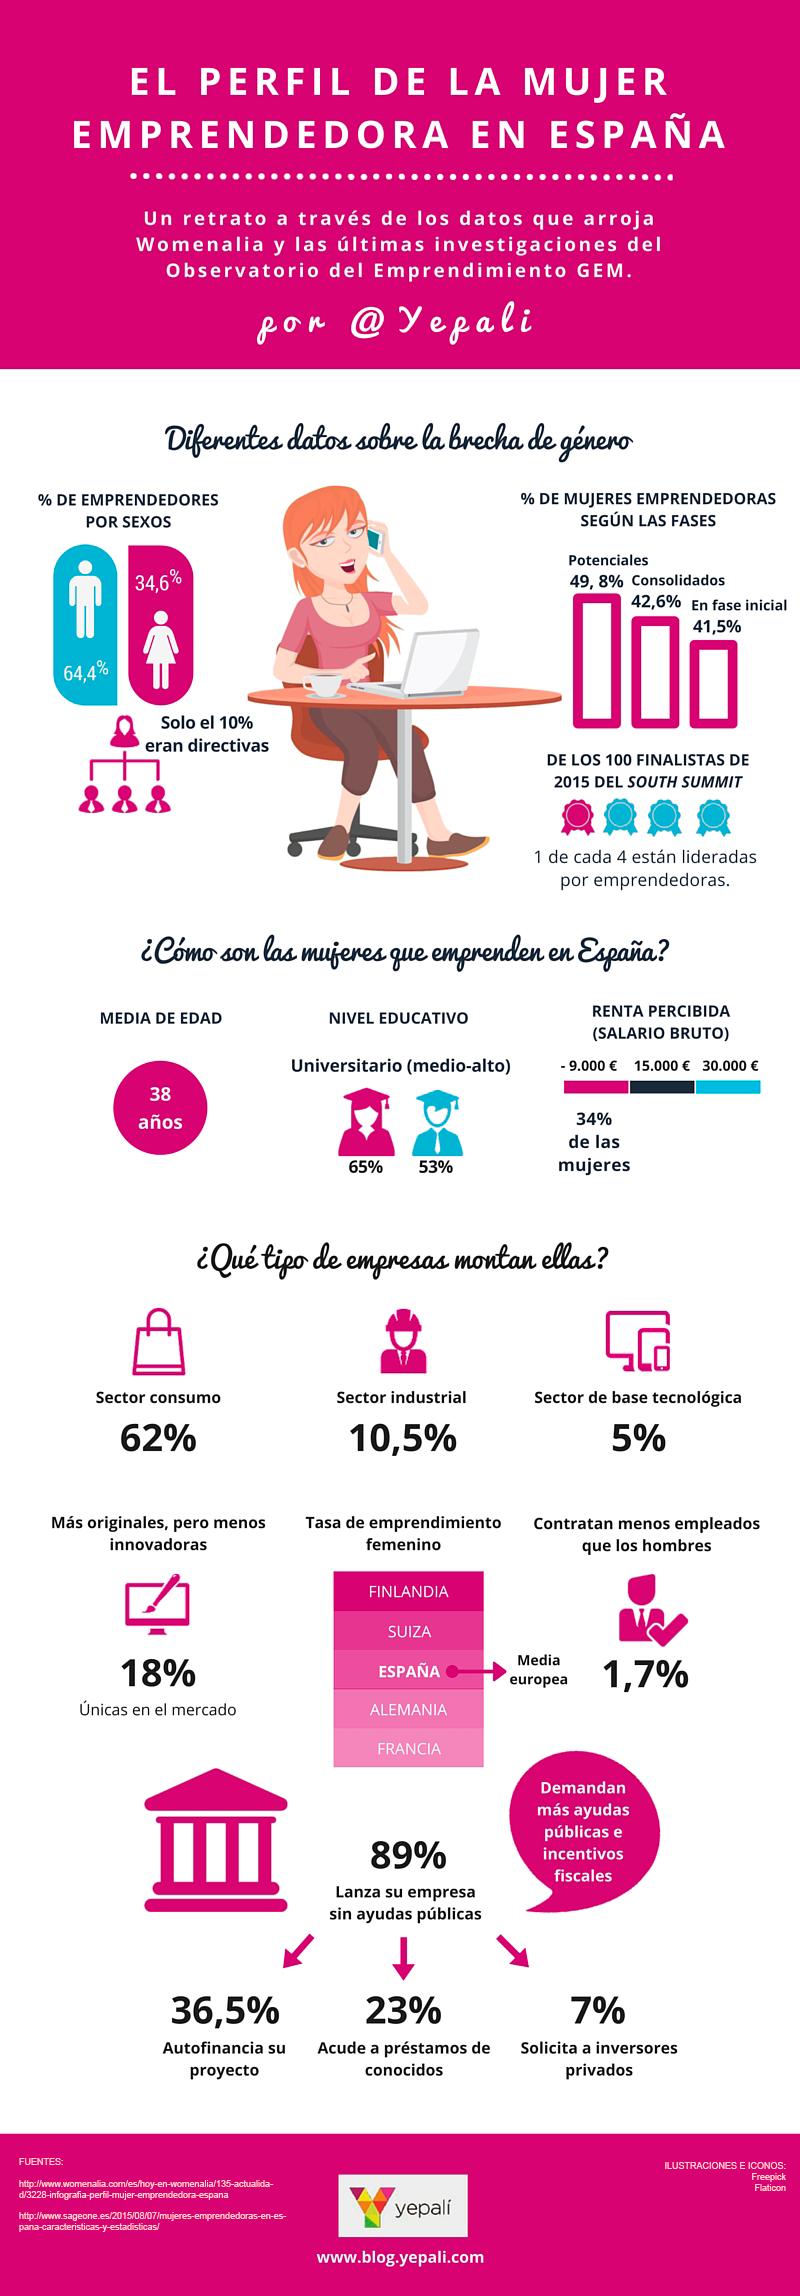 Perfil de la emprendedora en España